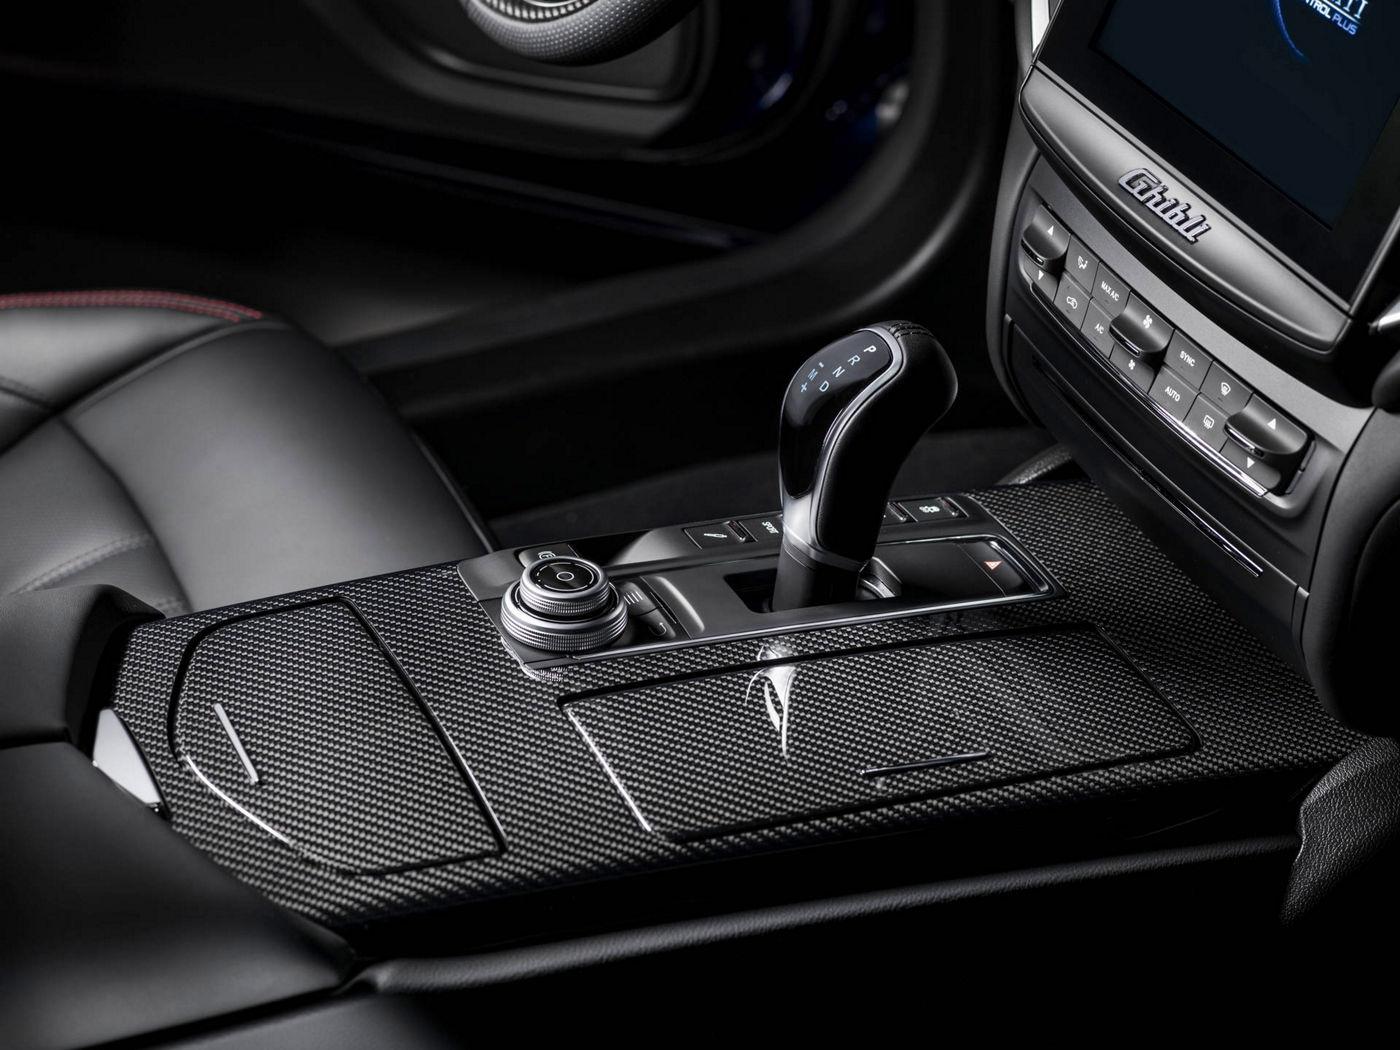 Maserati Ghibli 2018 - berline luxe - équipement intérieur - boîtier de vitesse